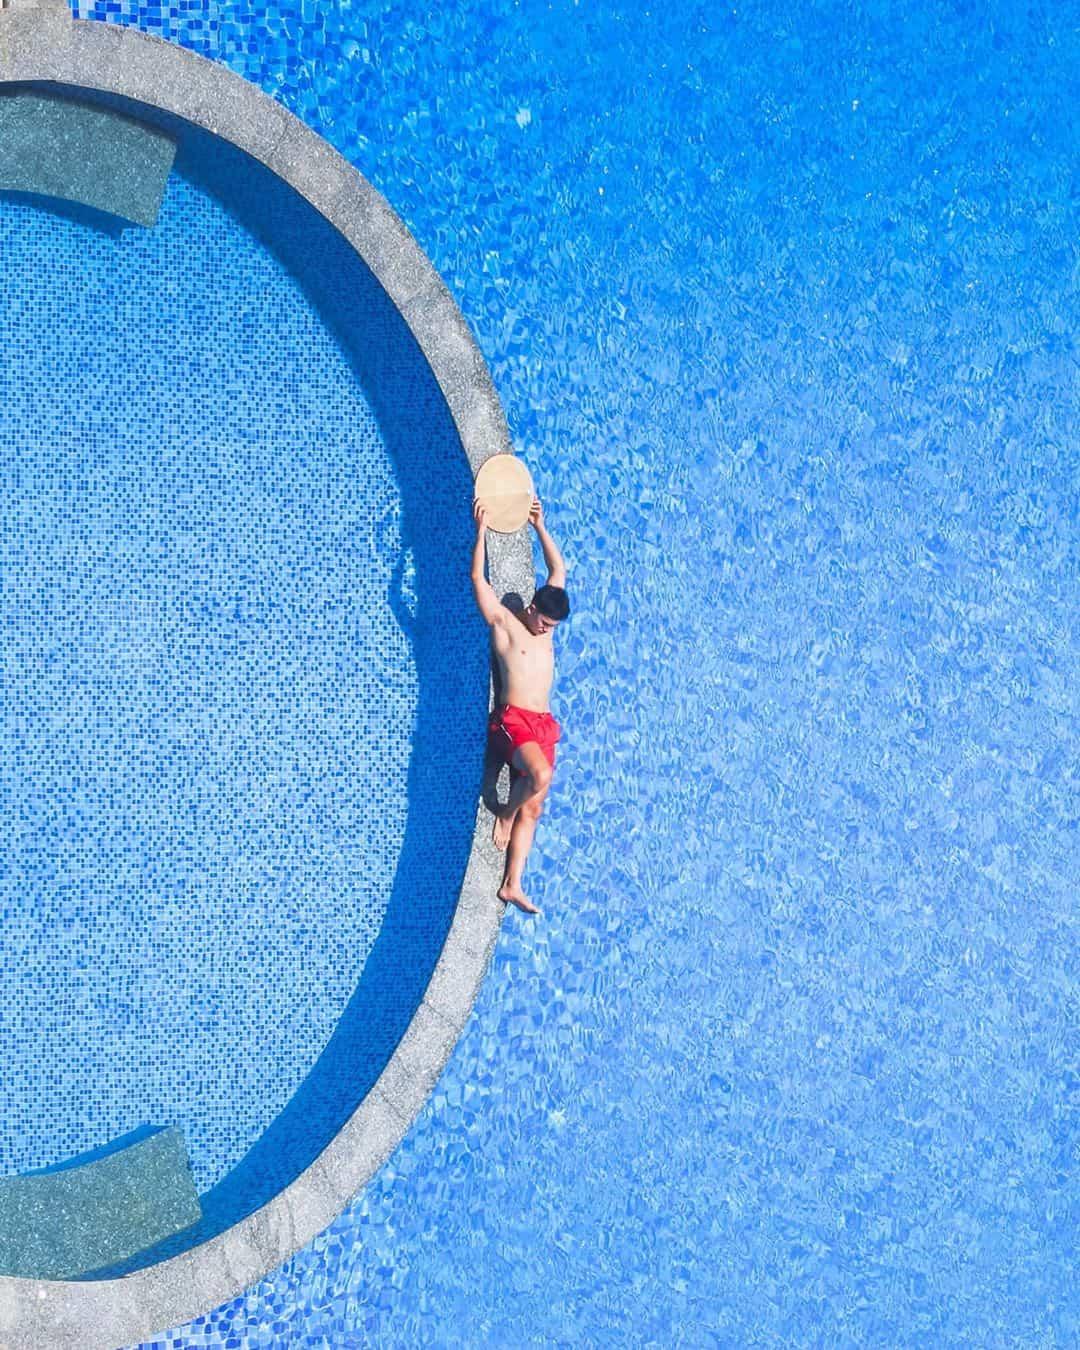 Thả mình giữa hồ bơi xanh ngắt của Gold Coast Hotel Resort & Spa. Hình: Instagram @soaipham